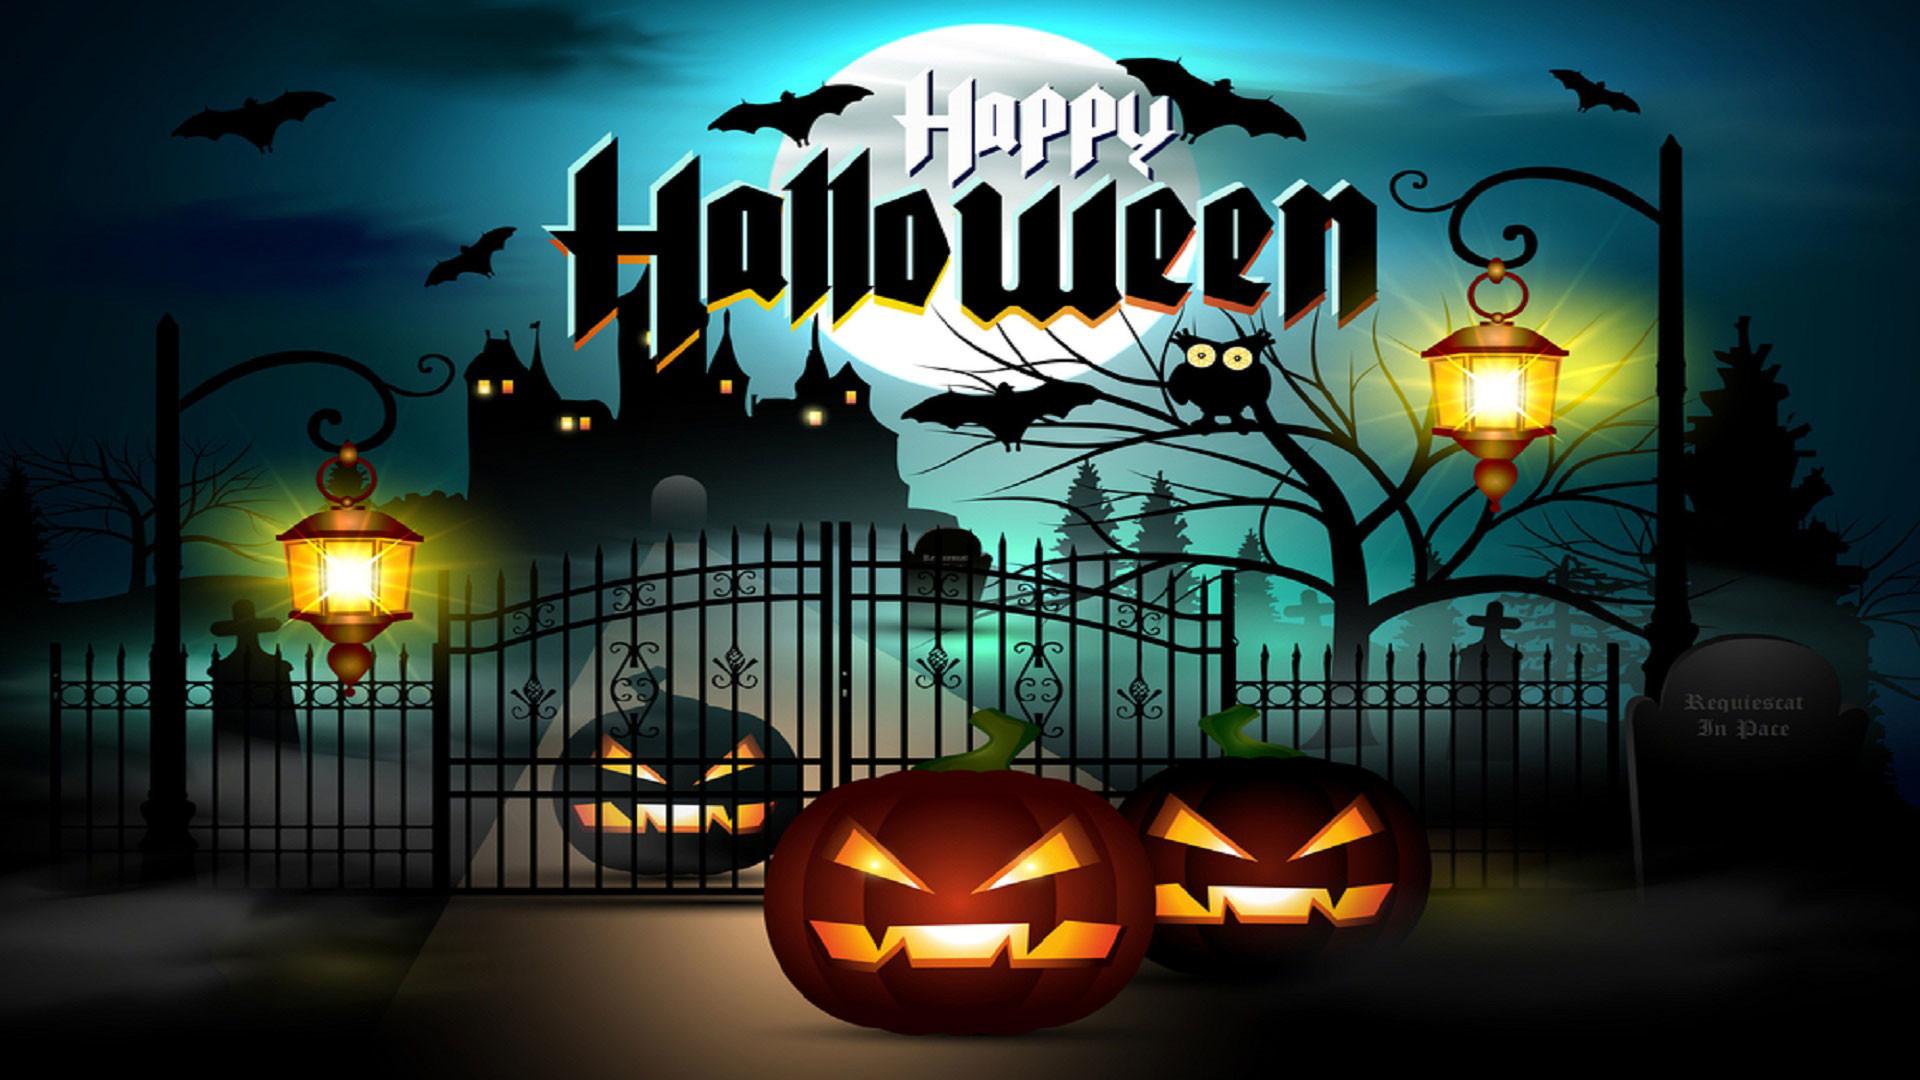 Res: 1920x1080, Happy-Halloween-Wallpaper